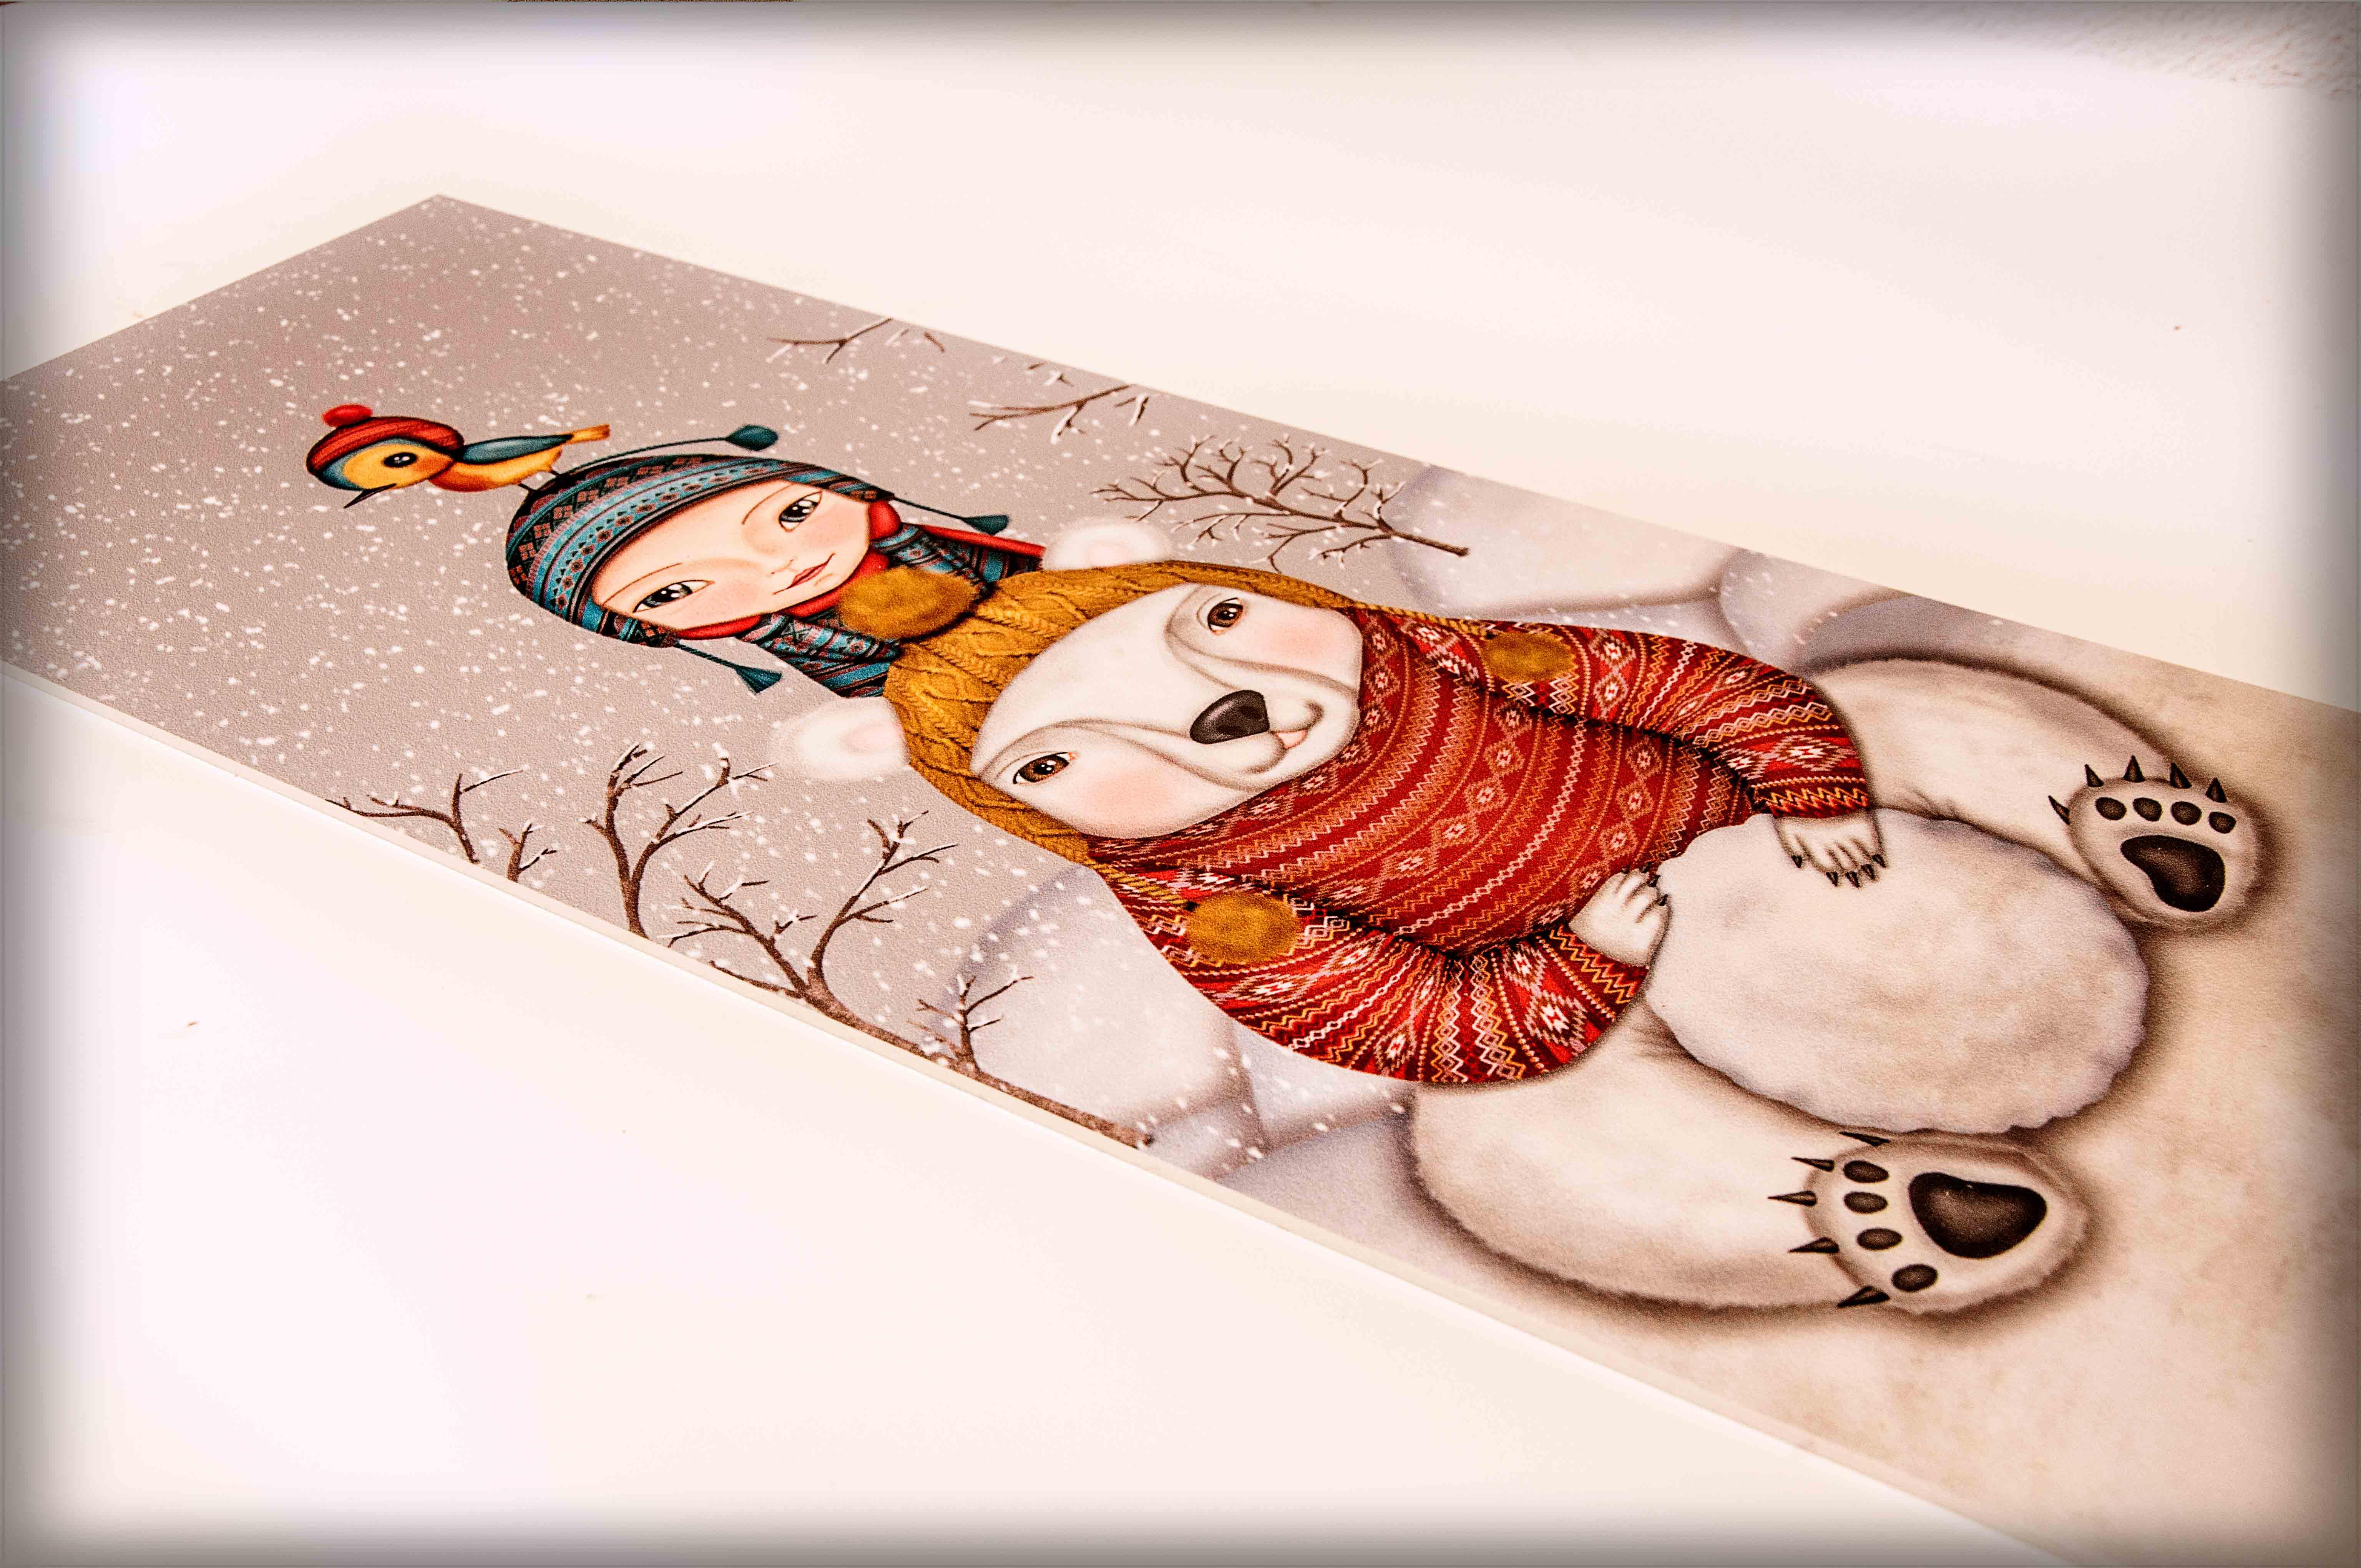 ilustración original decoración regalo placa pvc invierno oso niño pajaro nieve arboles amigos cariño divertido